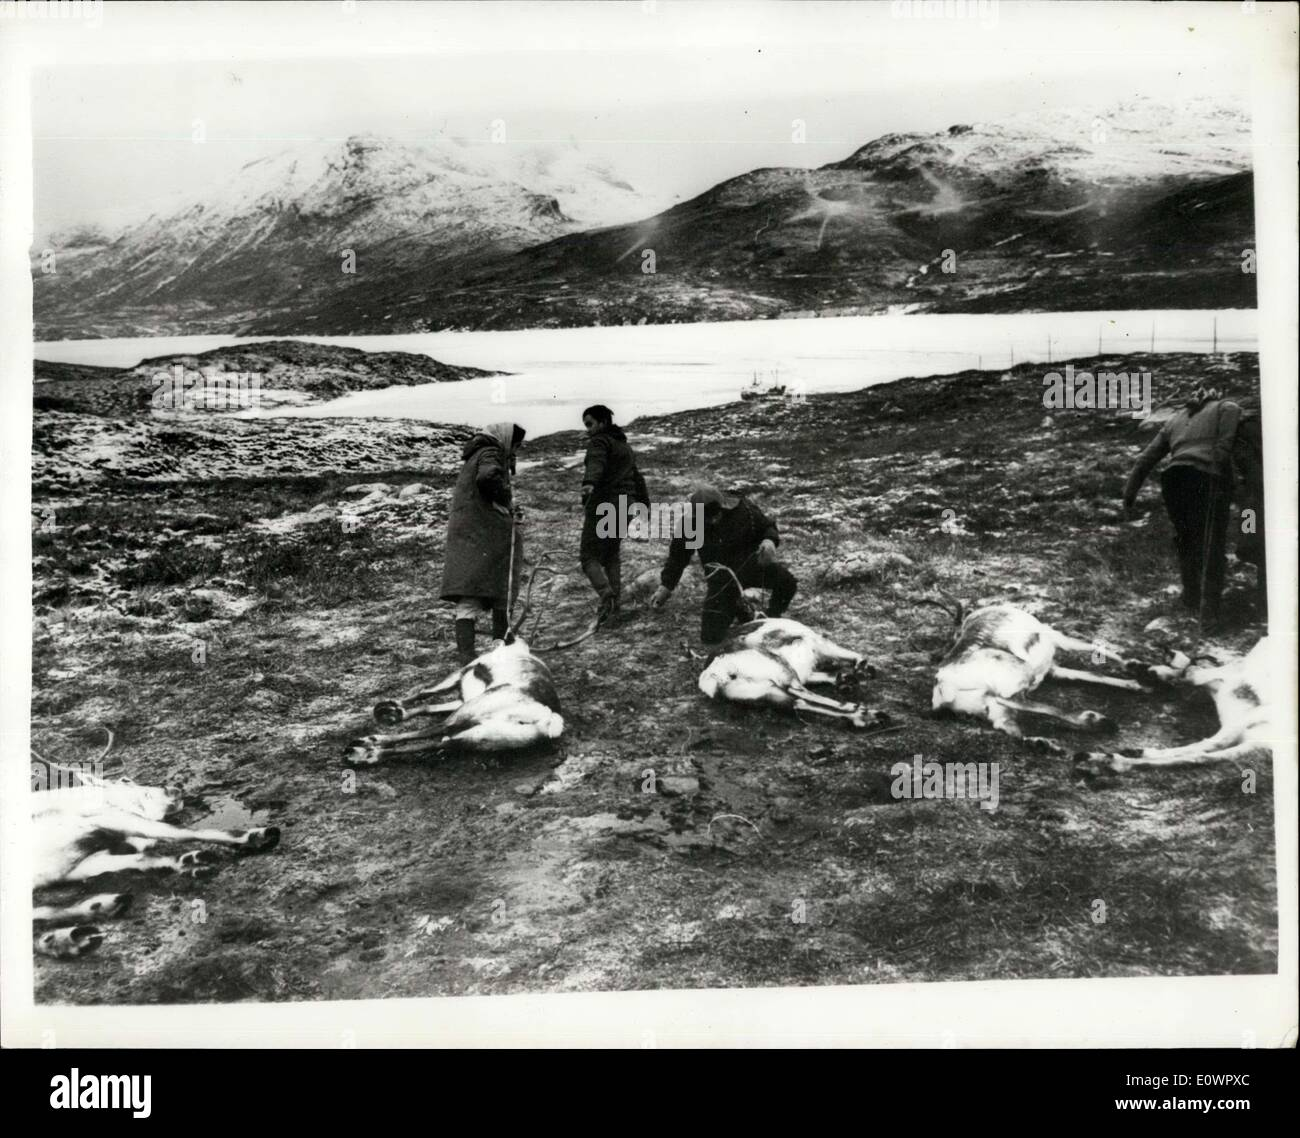 16. Januar 1964 - Rentiere Schlachten In Grönland: für die letzten zwölf Jahre ein neuen '' Industrie '' Gas wurde Pionierarbeit in Grönland, basierend auf den Import od Norweign Rentiere, die erfolgreich gezüchtet werden, so dass die Herden jetzt mehrere tausend Nummer Tiere, die wegen ihres Fleisches verwendet werden. Die jungen Hirten, die wegen ihres Fleisches genutzt werden Stockbild